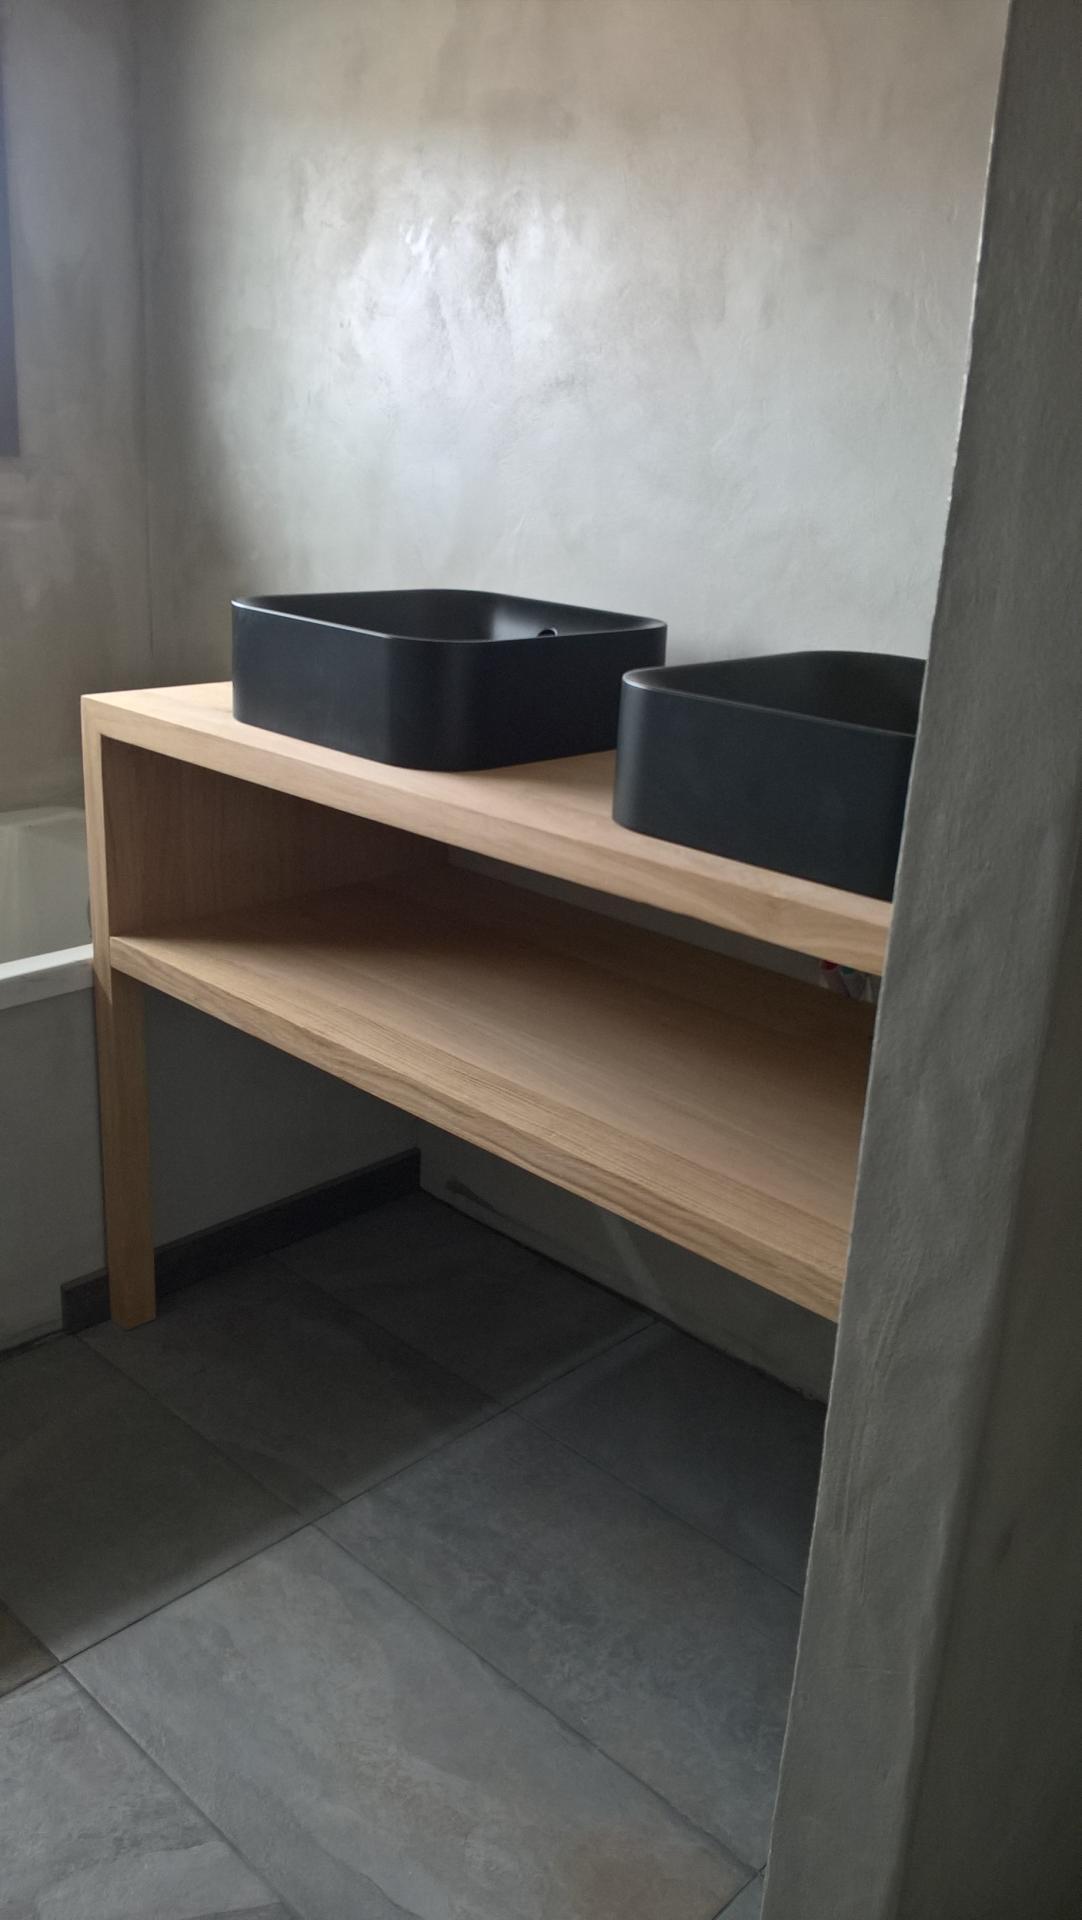 meuble salle de bain - www.ateliercannelle.com